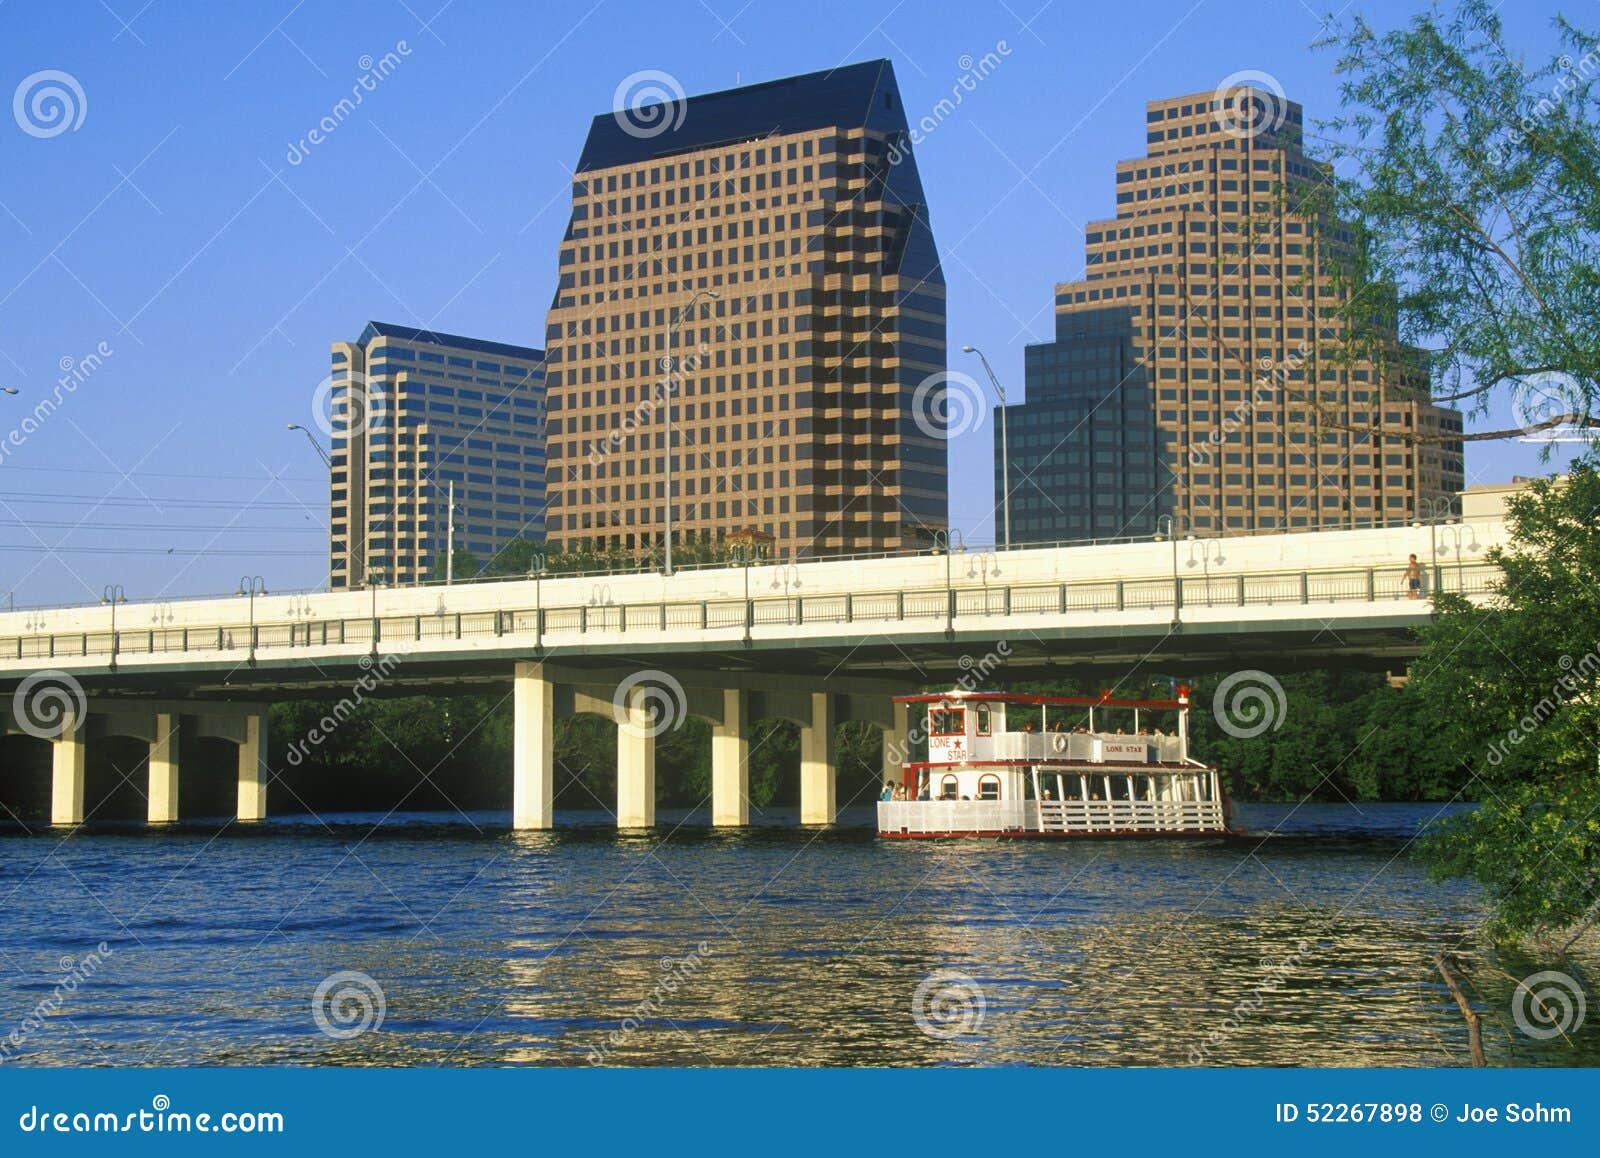 sites de rencontres gratuits Nouvelle-Orléans